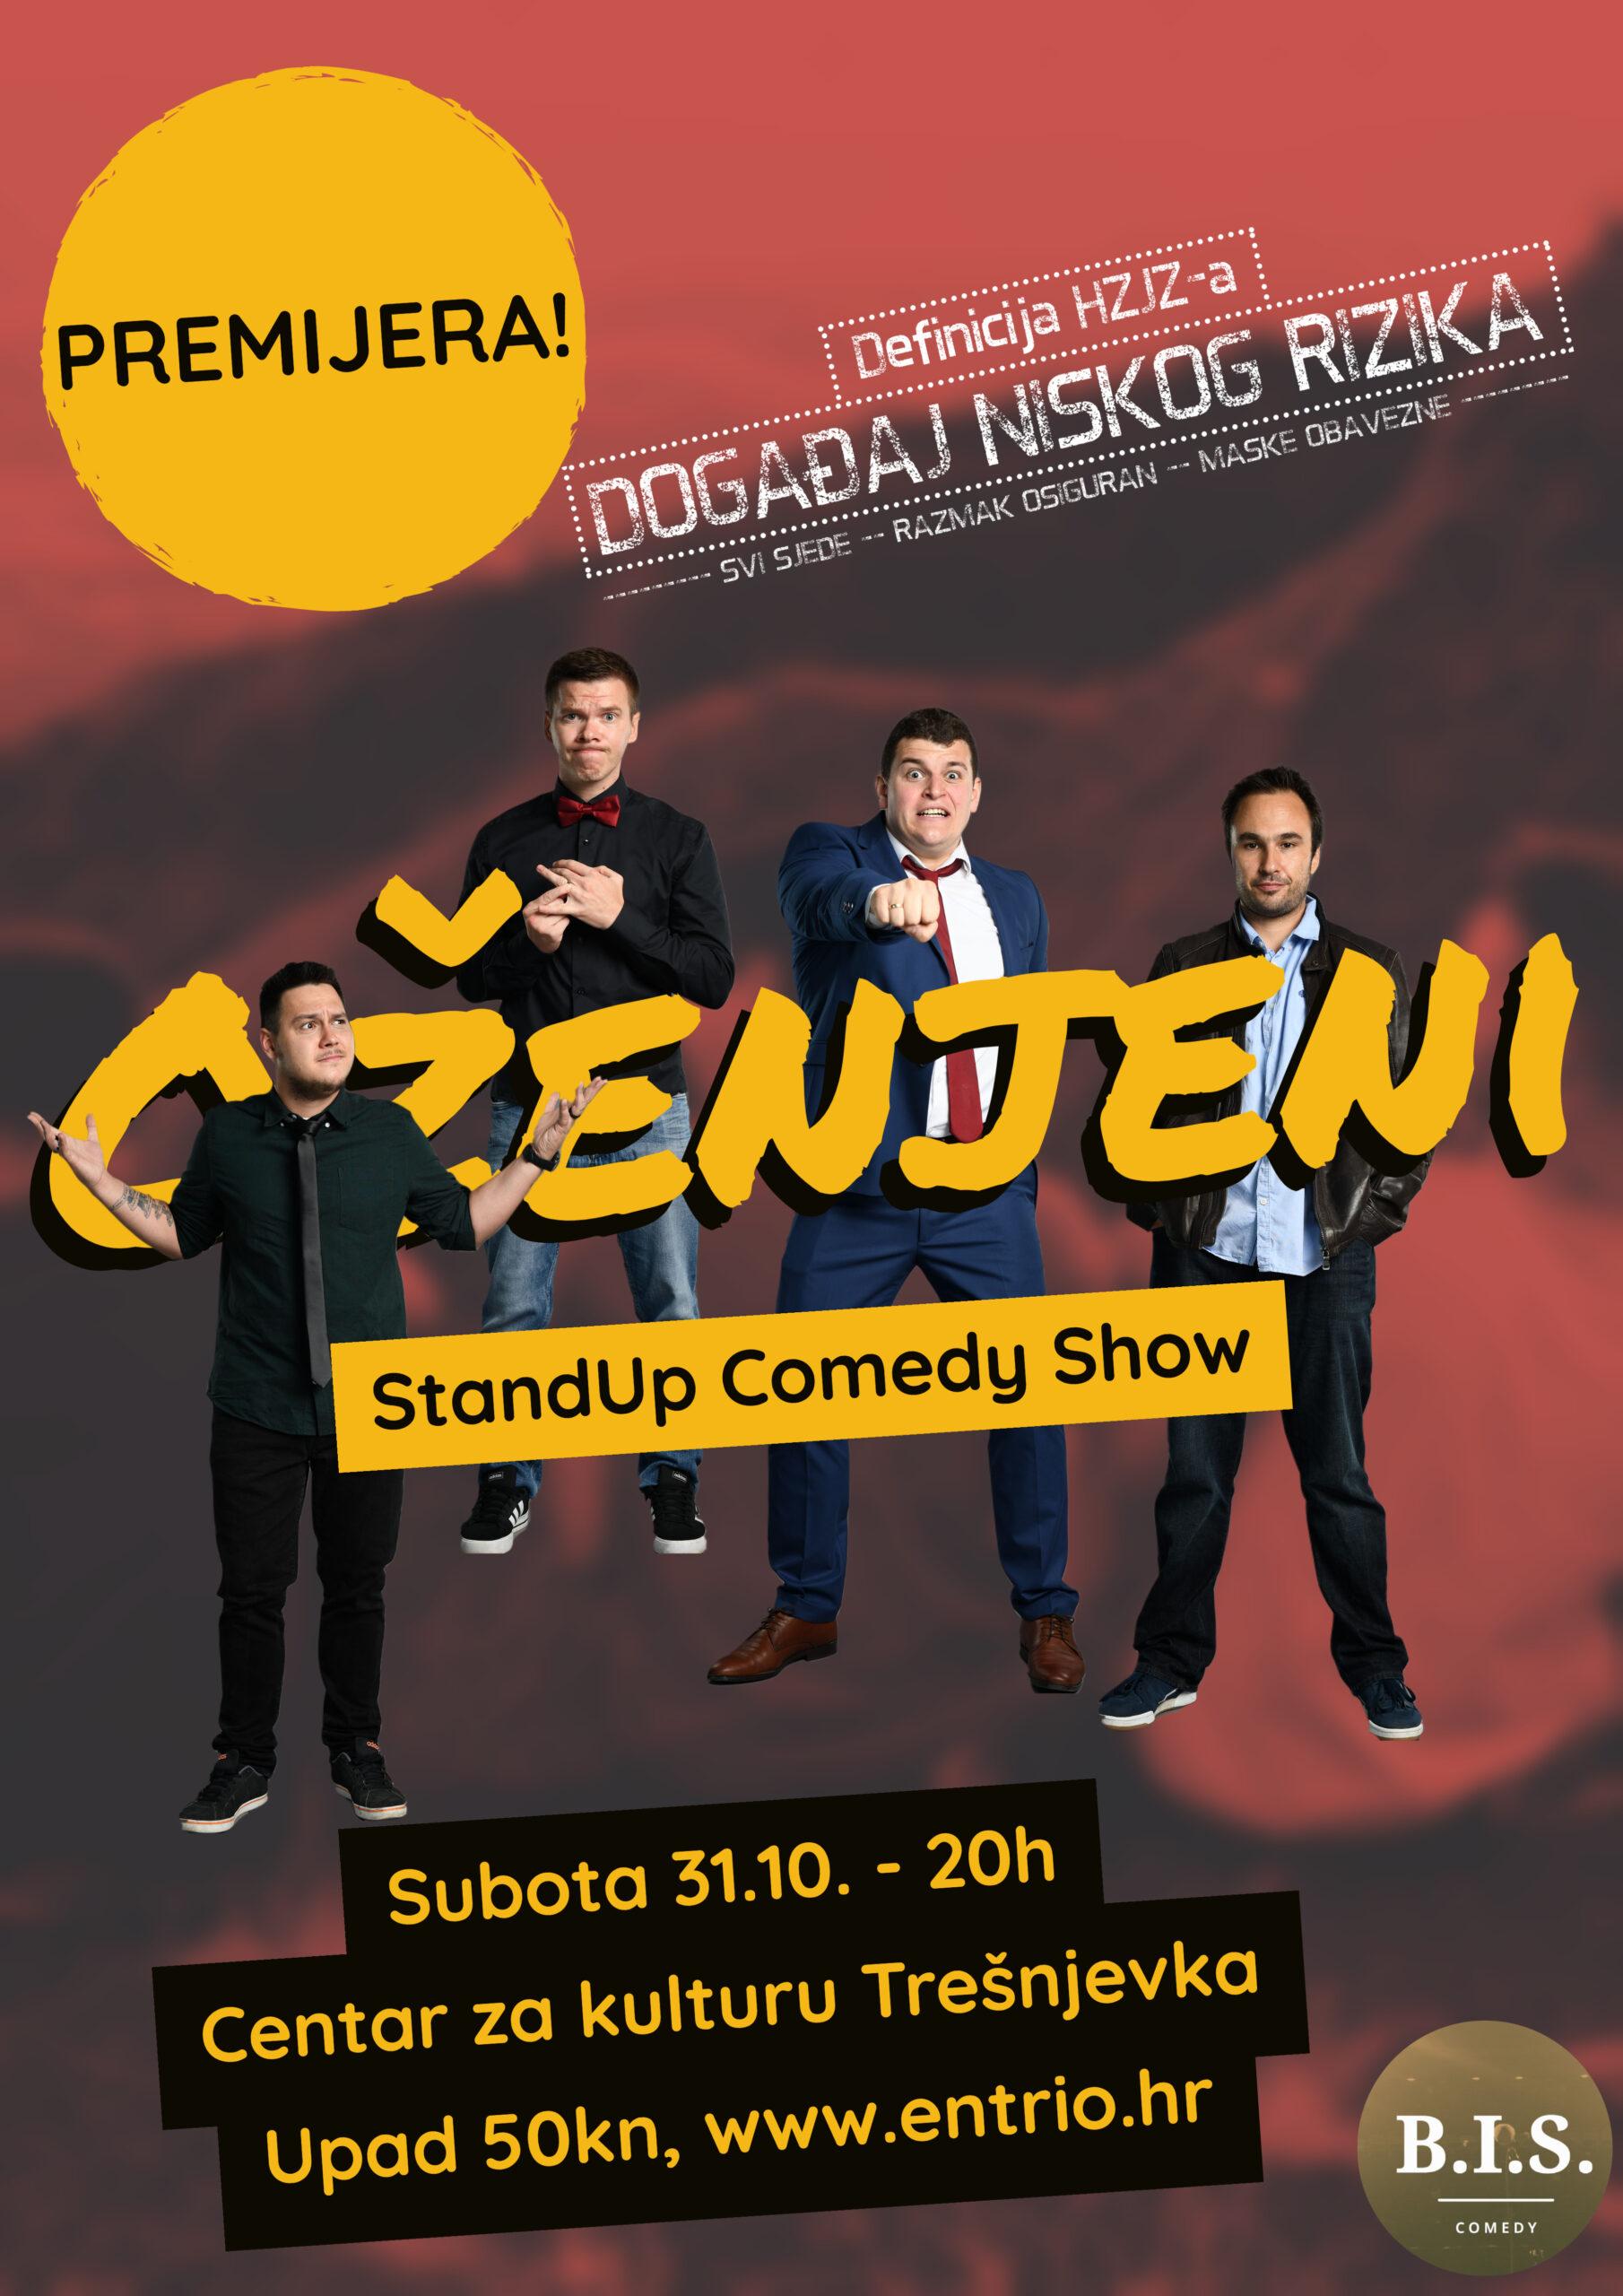 Oženjeni – stand up comedy show